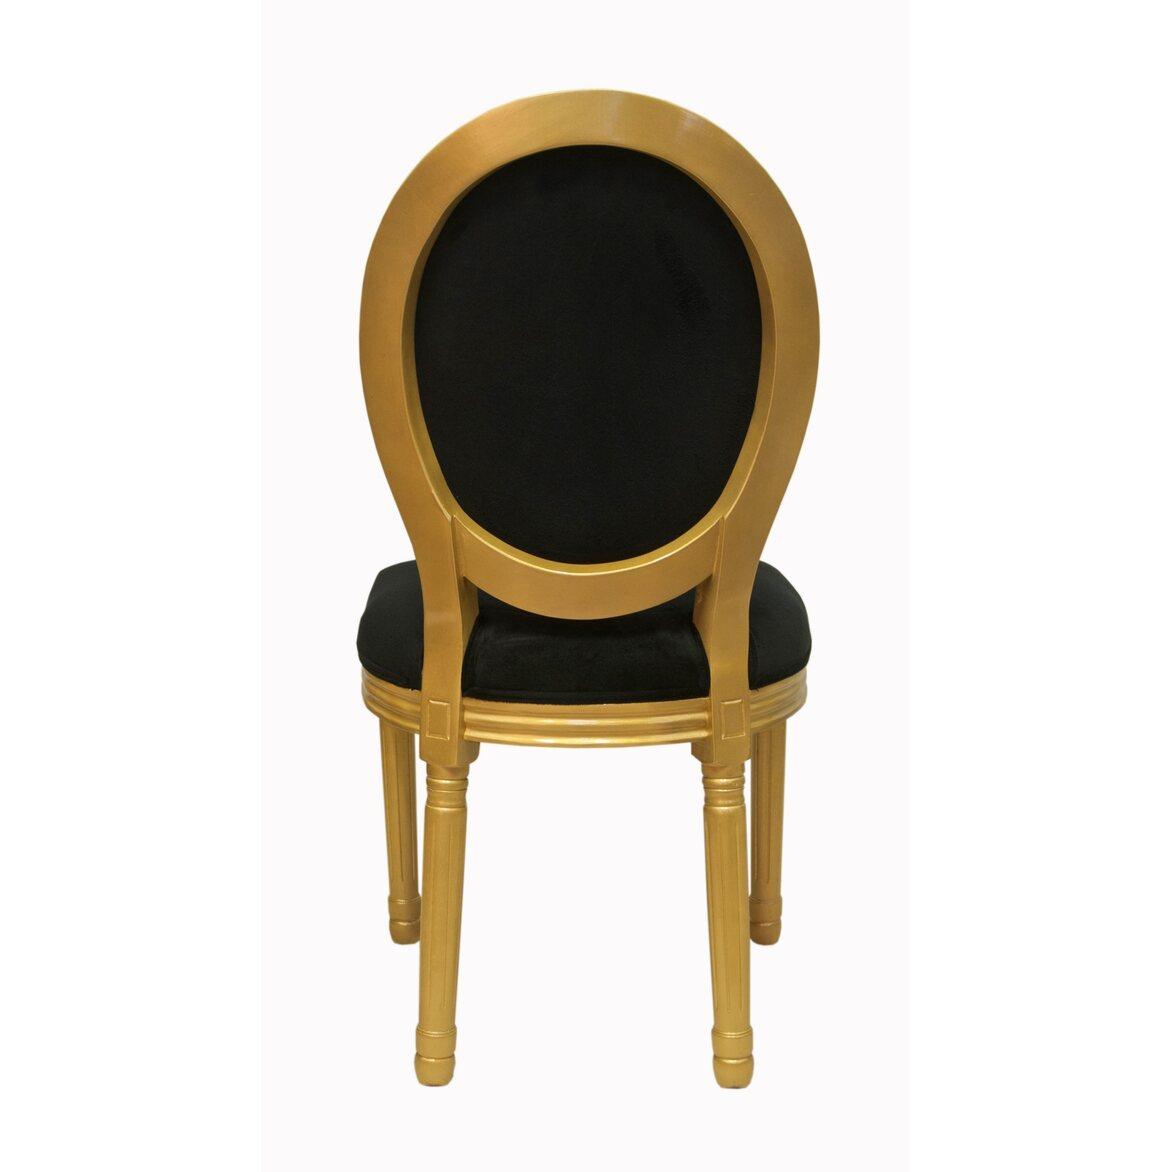 Стул Volker black gold 3 | Обеденные стулья Kingsby